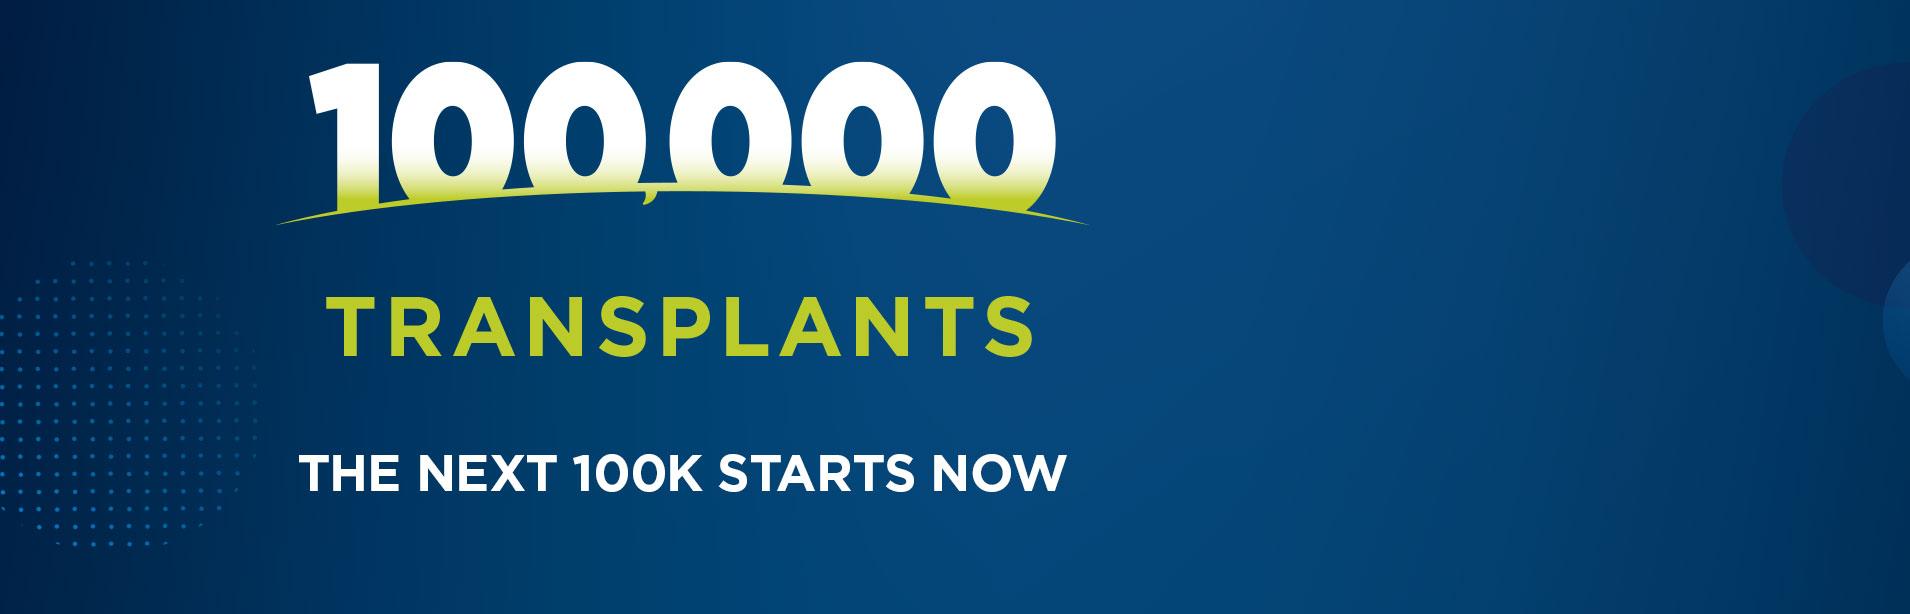 100,000 Transplants